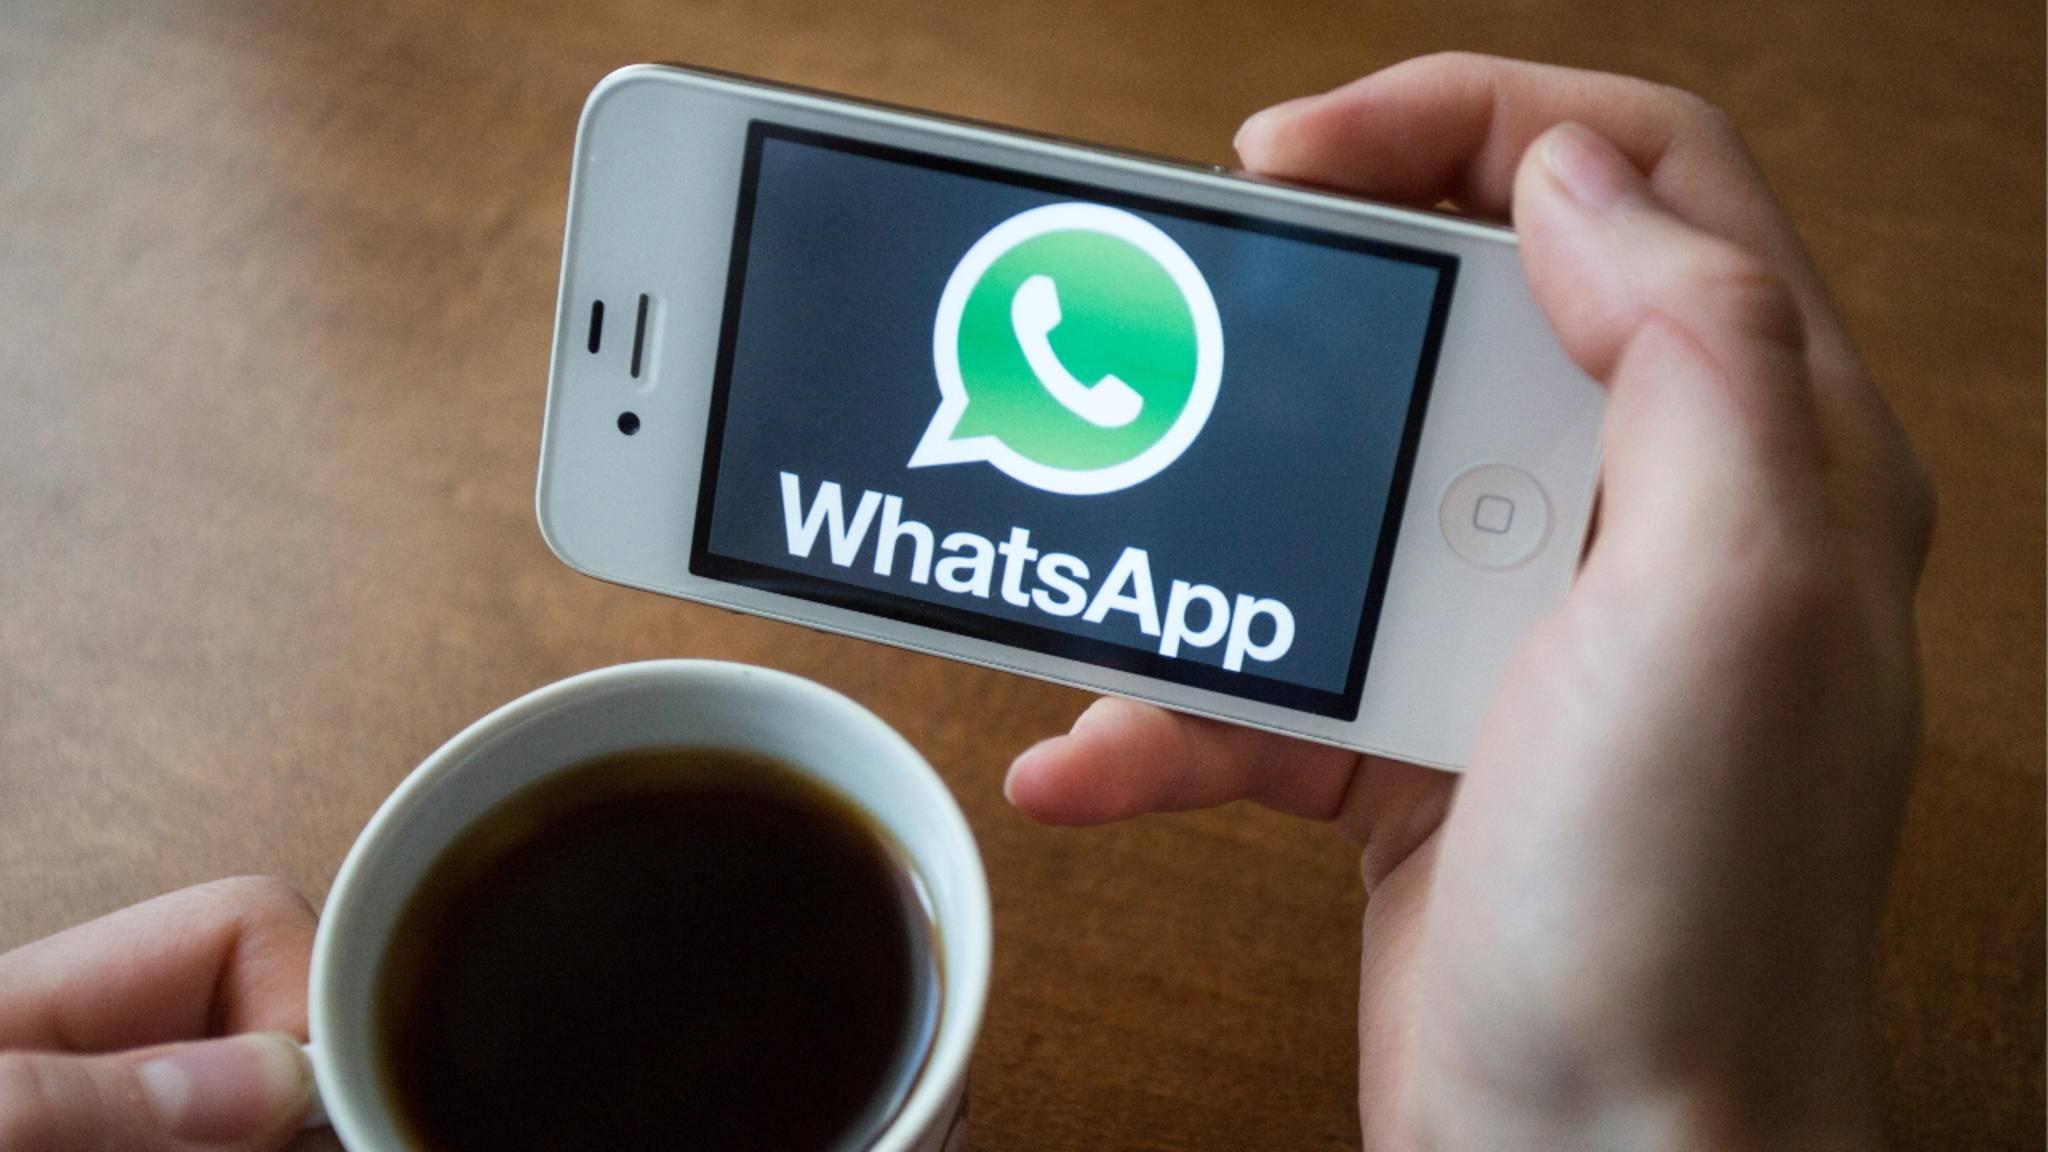 WhatsApp wird von mehr als einer Milliarde Menschen regelmäßig genutzt.